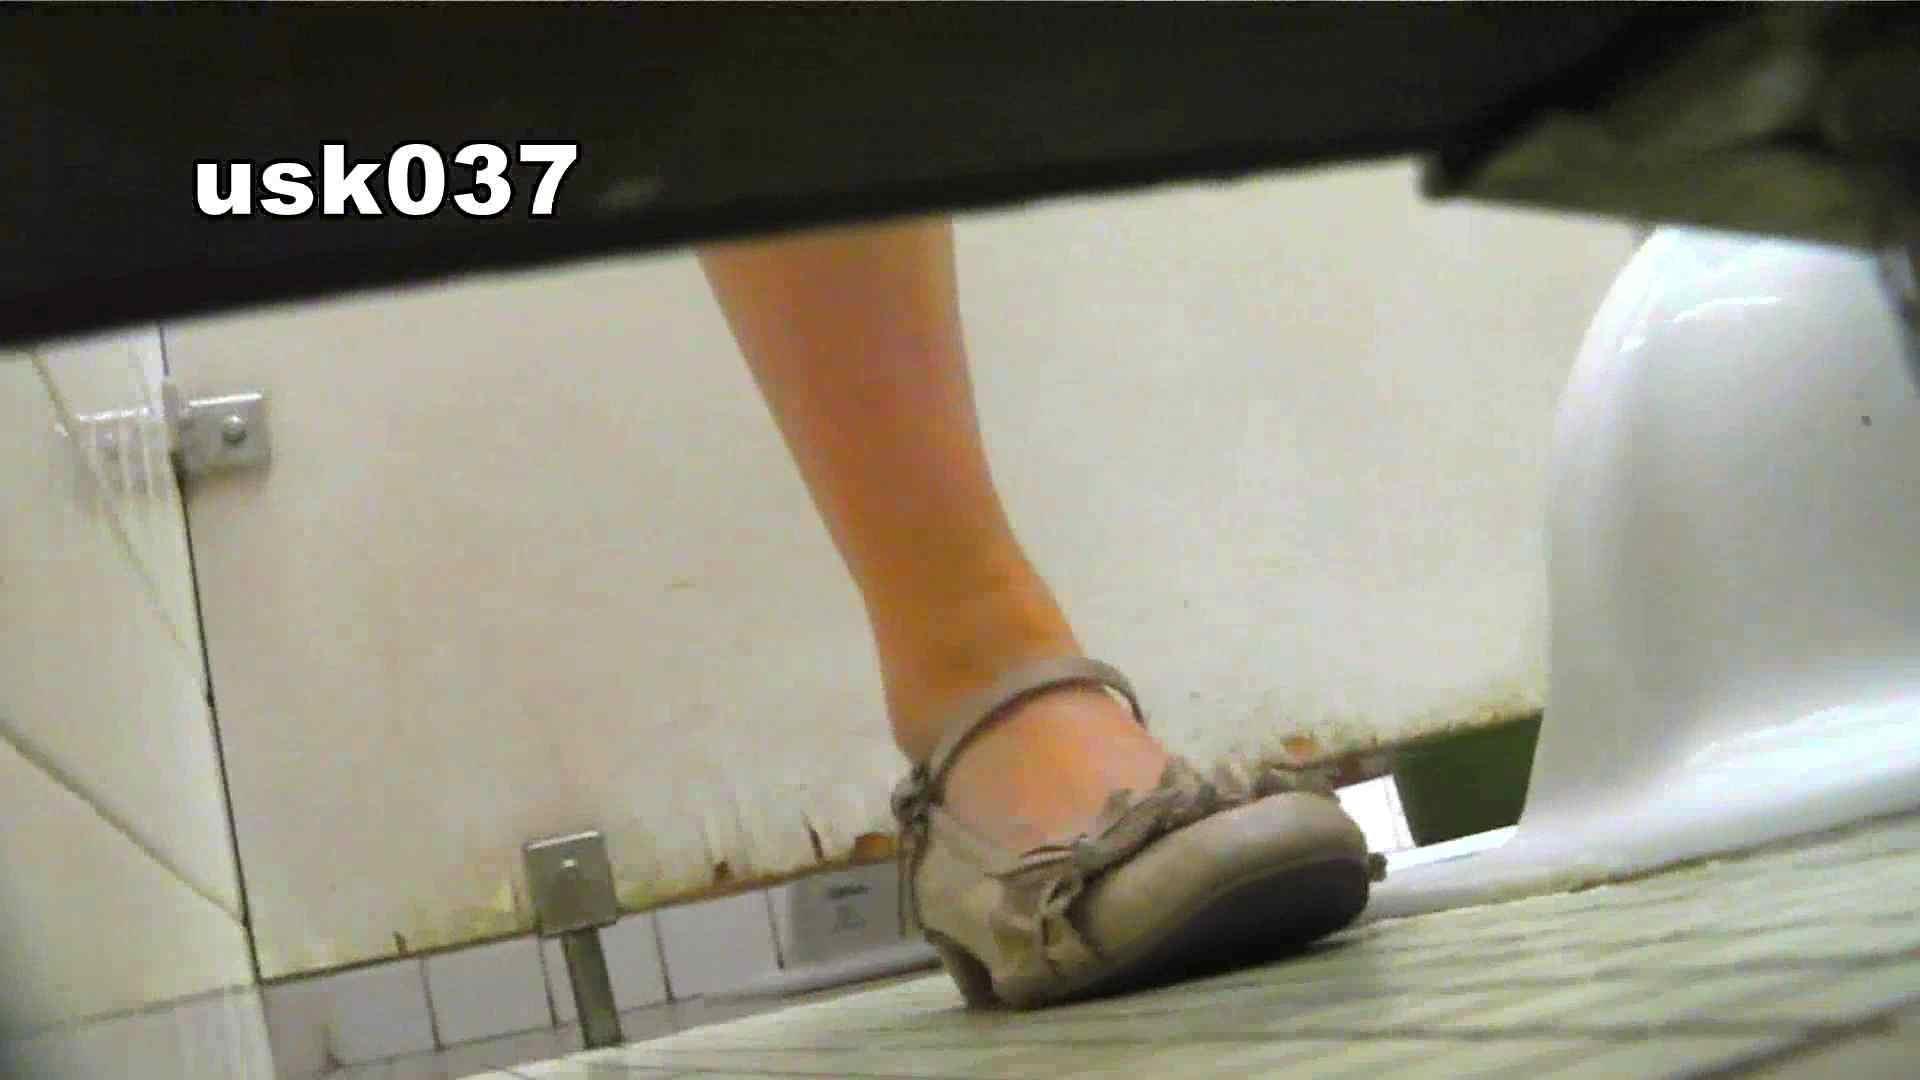 【美しき個室な世界】 vol.037 ひねり出す様子(フトイです) 洗面所 | 高評価  51画像 1